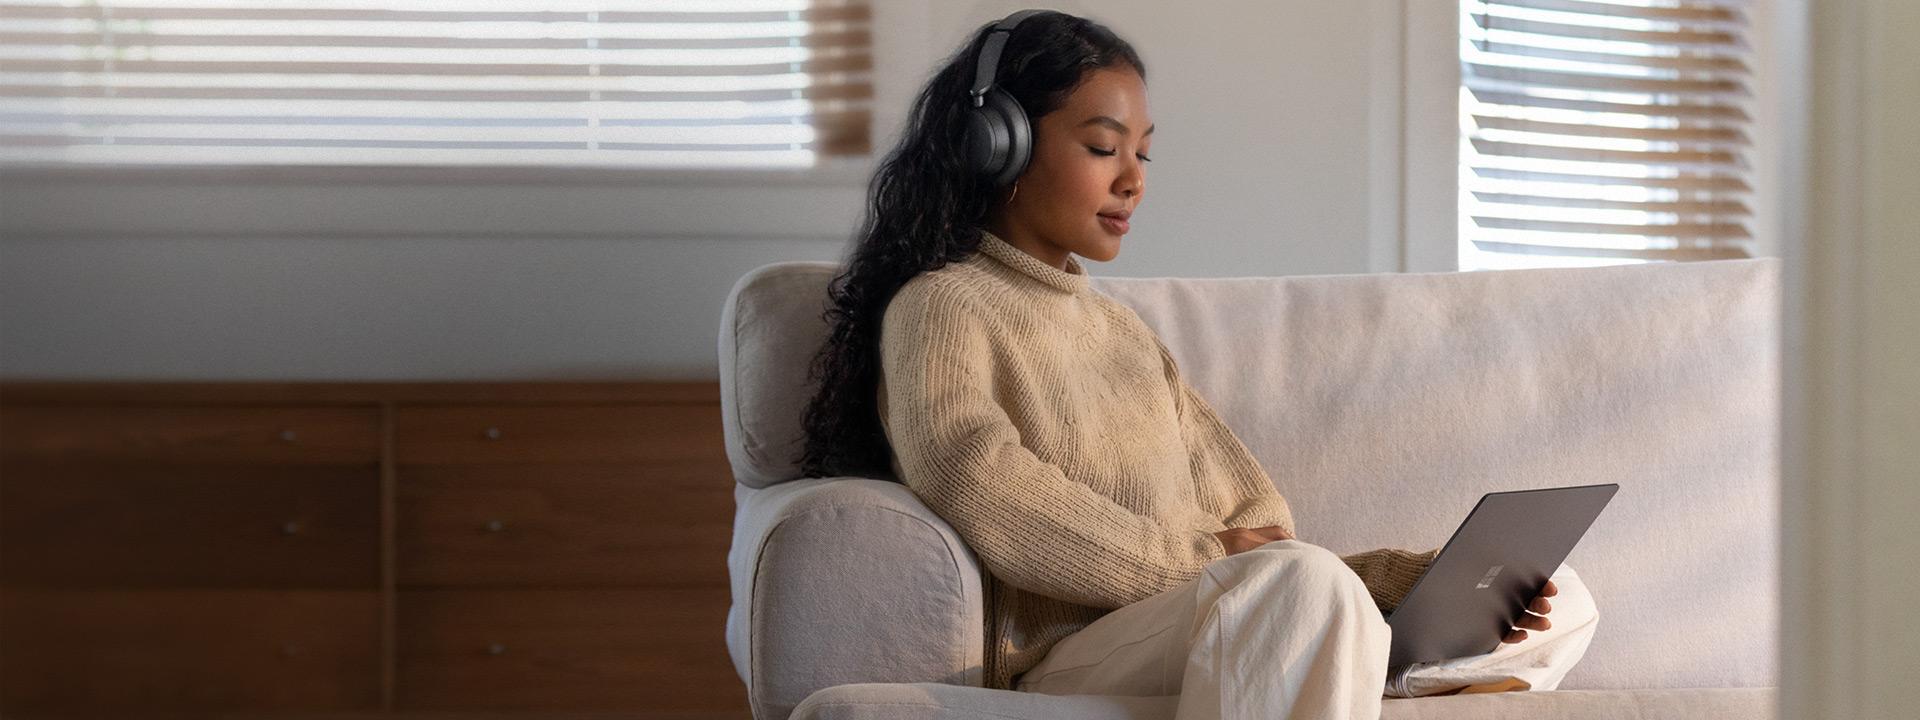 Nainen työskentelee kotona sohvalla käyttämällä Surface Laptop 3:a ja Surface Headphones 2:ta